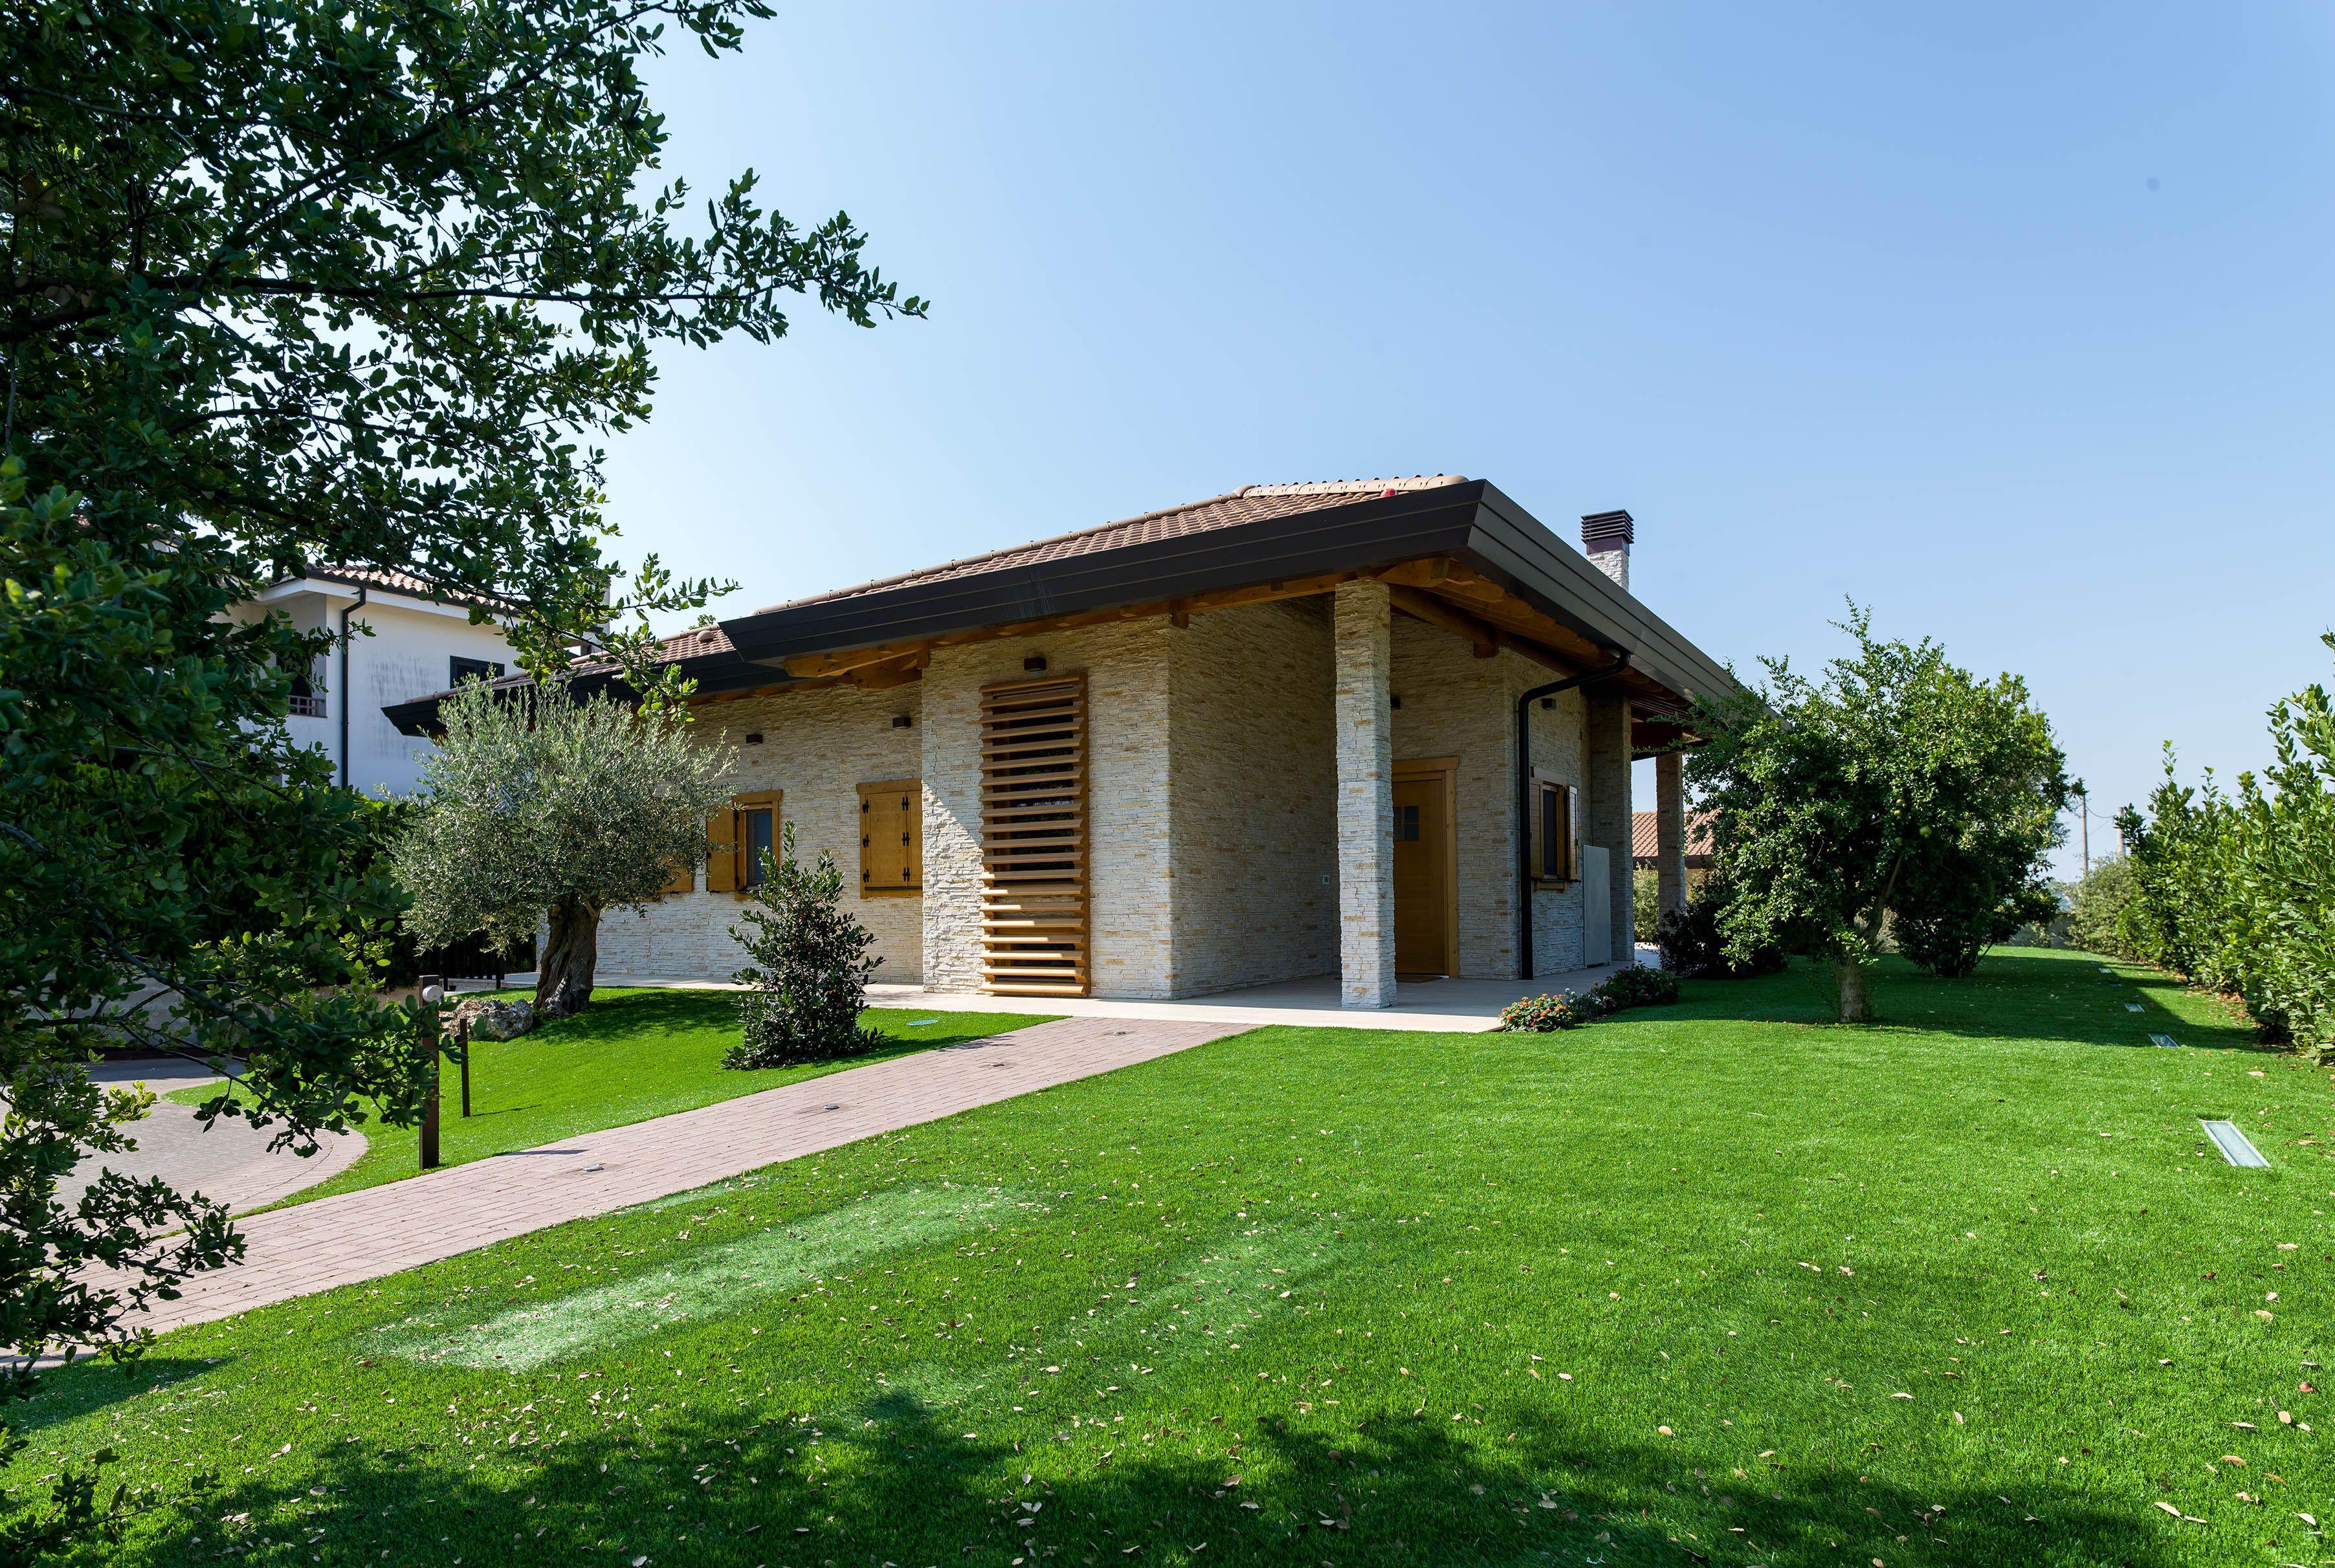 Architettura Rubner Haus Architettura Case Idee Per La Casa